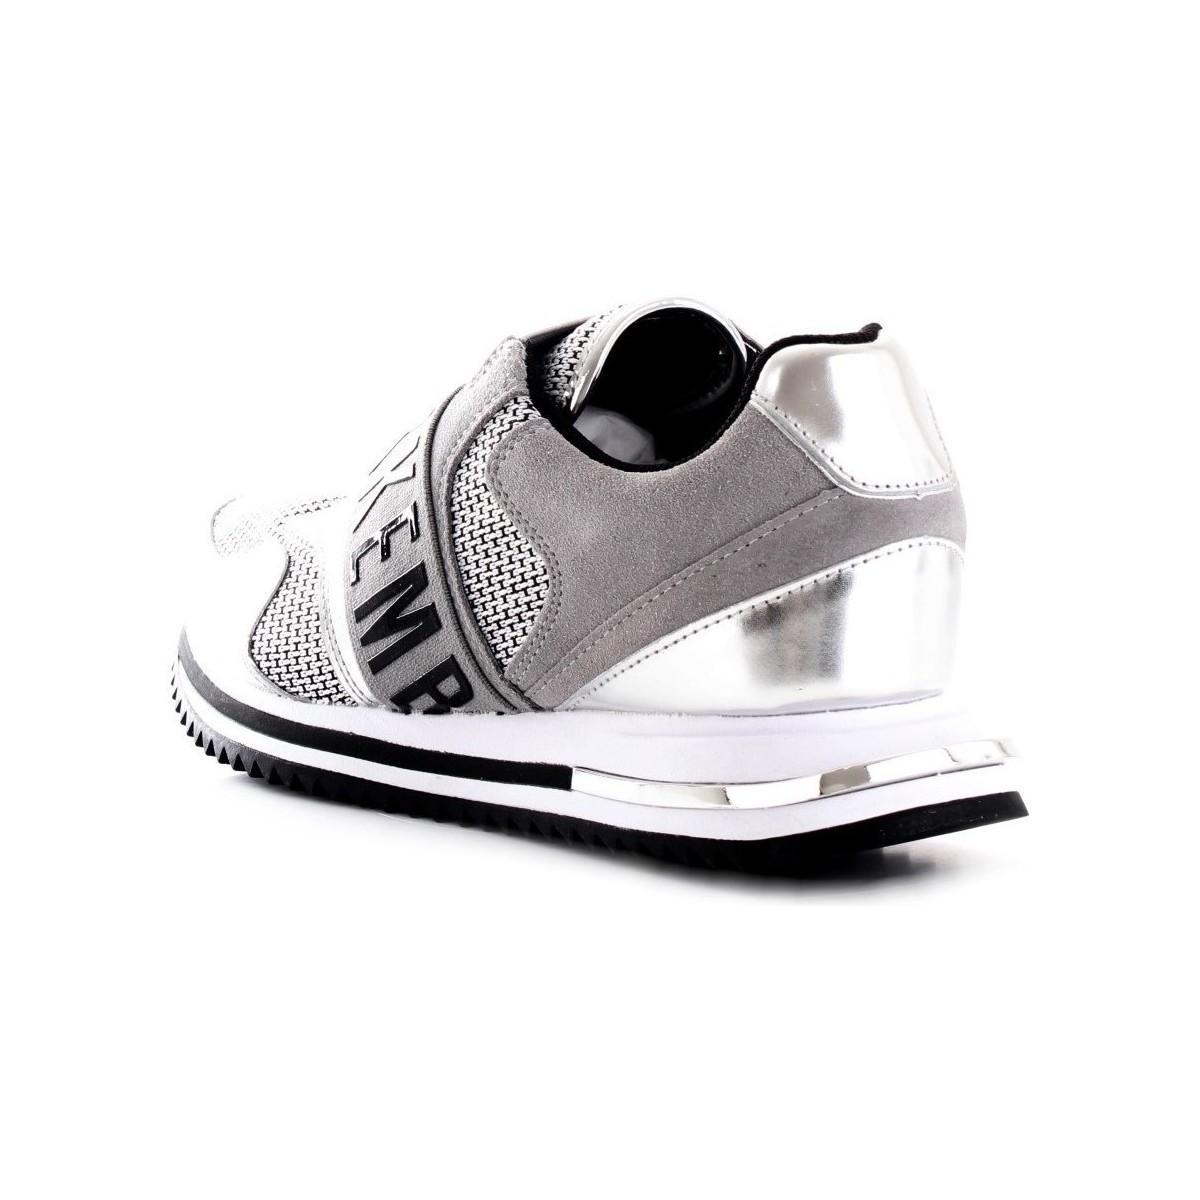 B4BKM0054 Chaussures Bikkembergs pour homme en coloris Métallisé BLVN